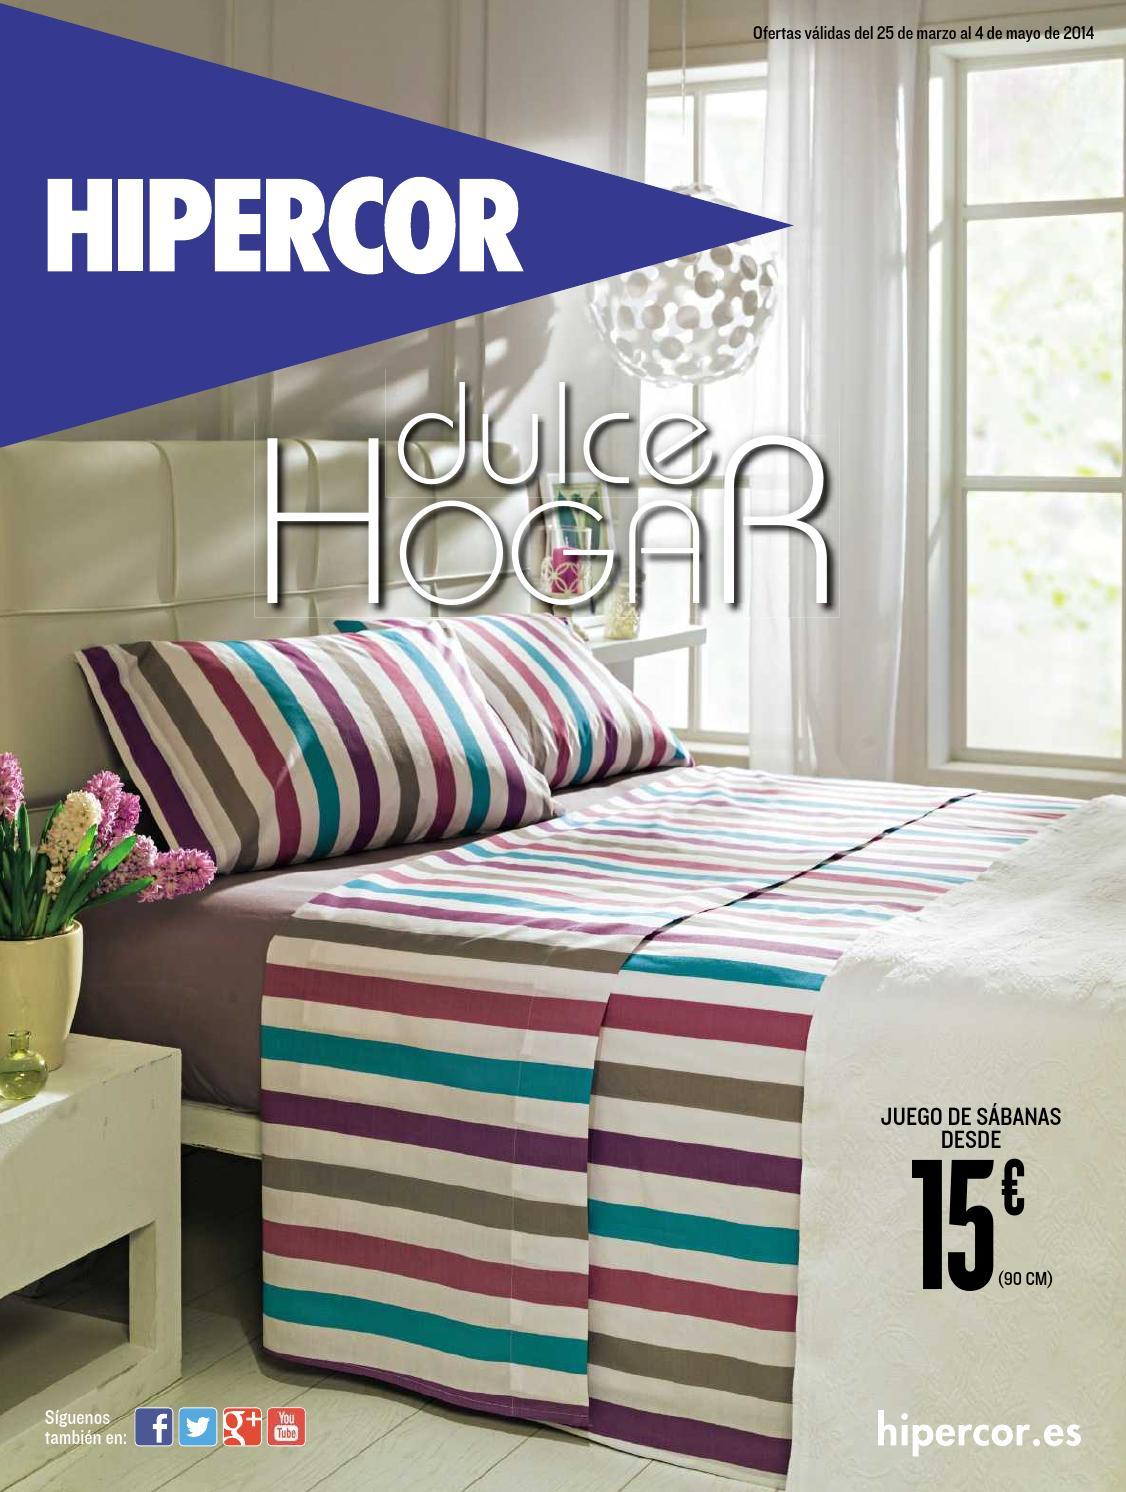 Hipercor hogar by losdescuentos issuu - Cortinas y visillos hipercor ...